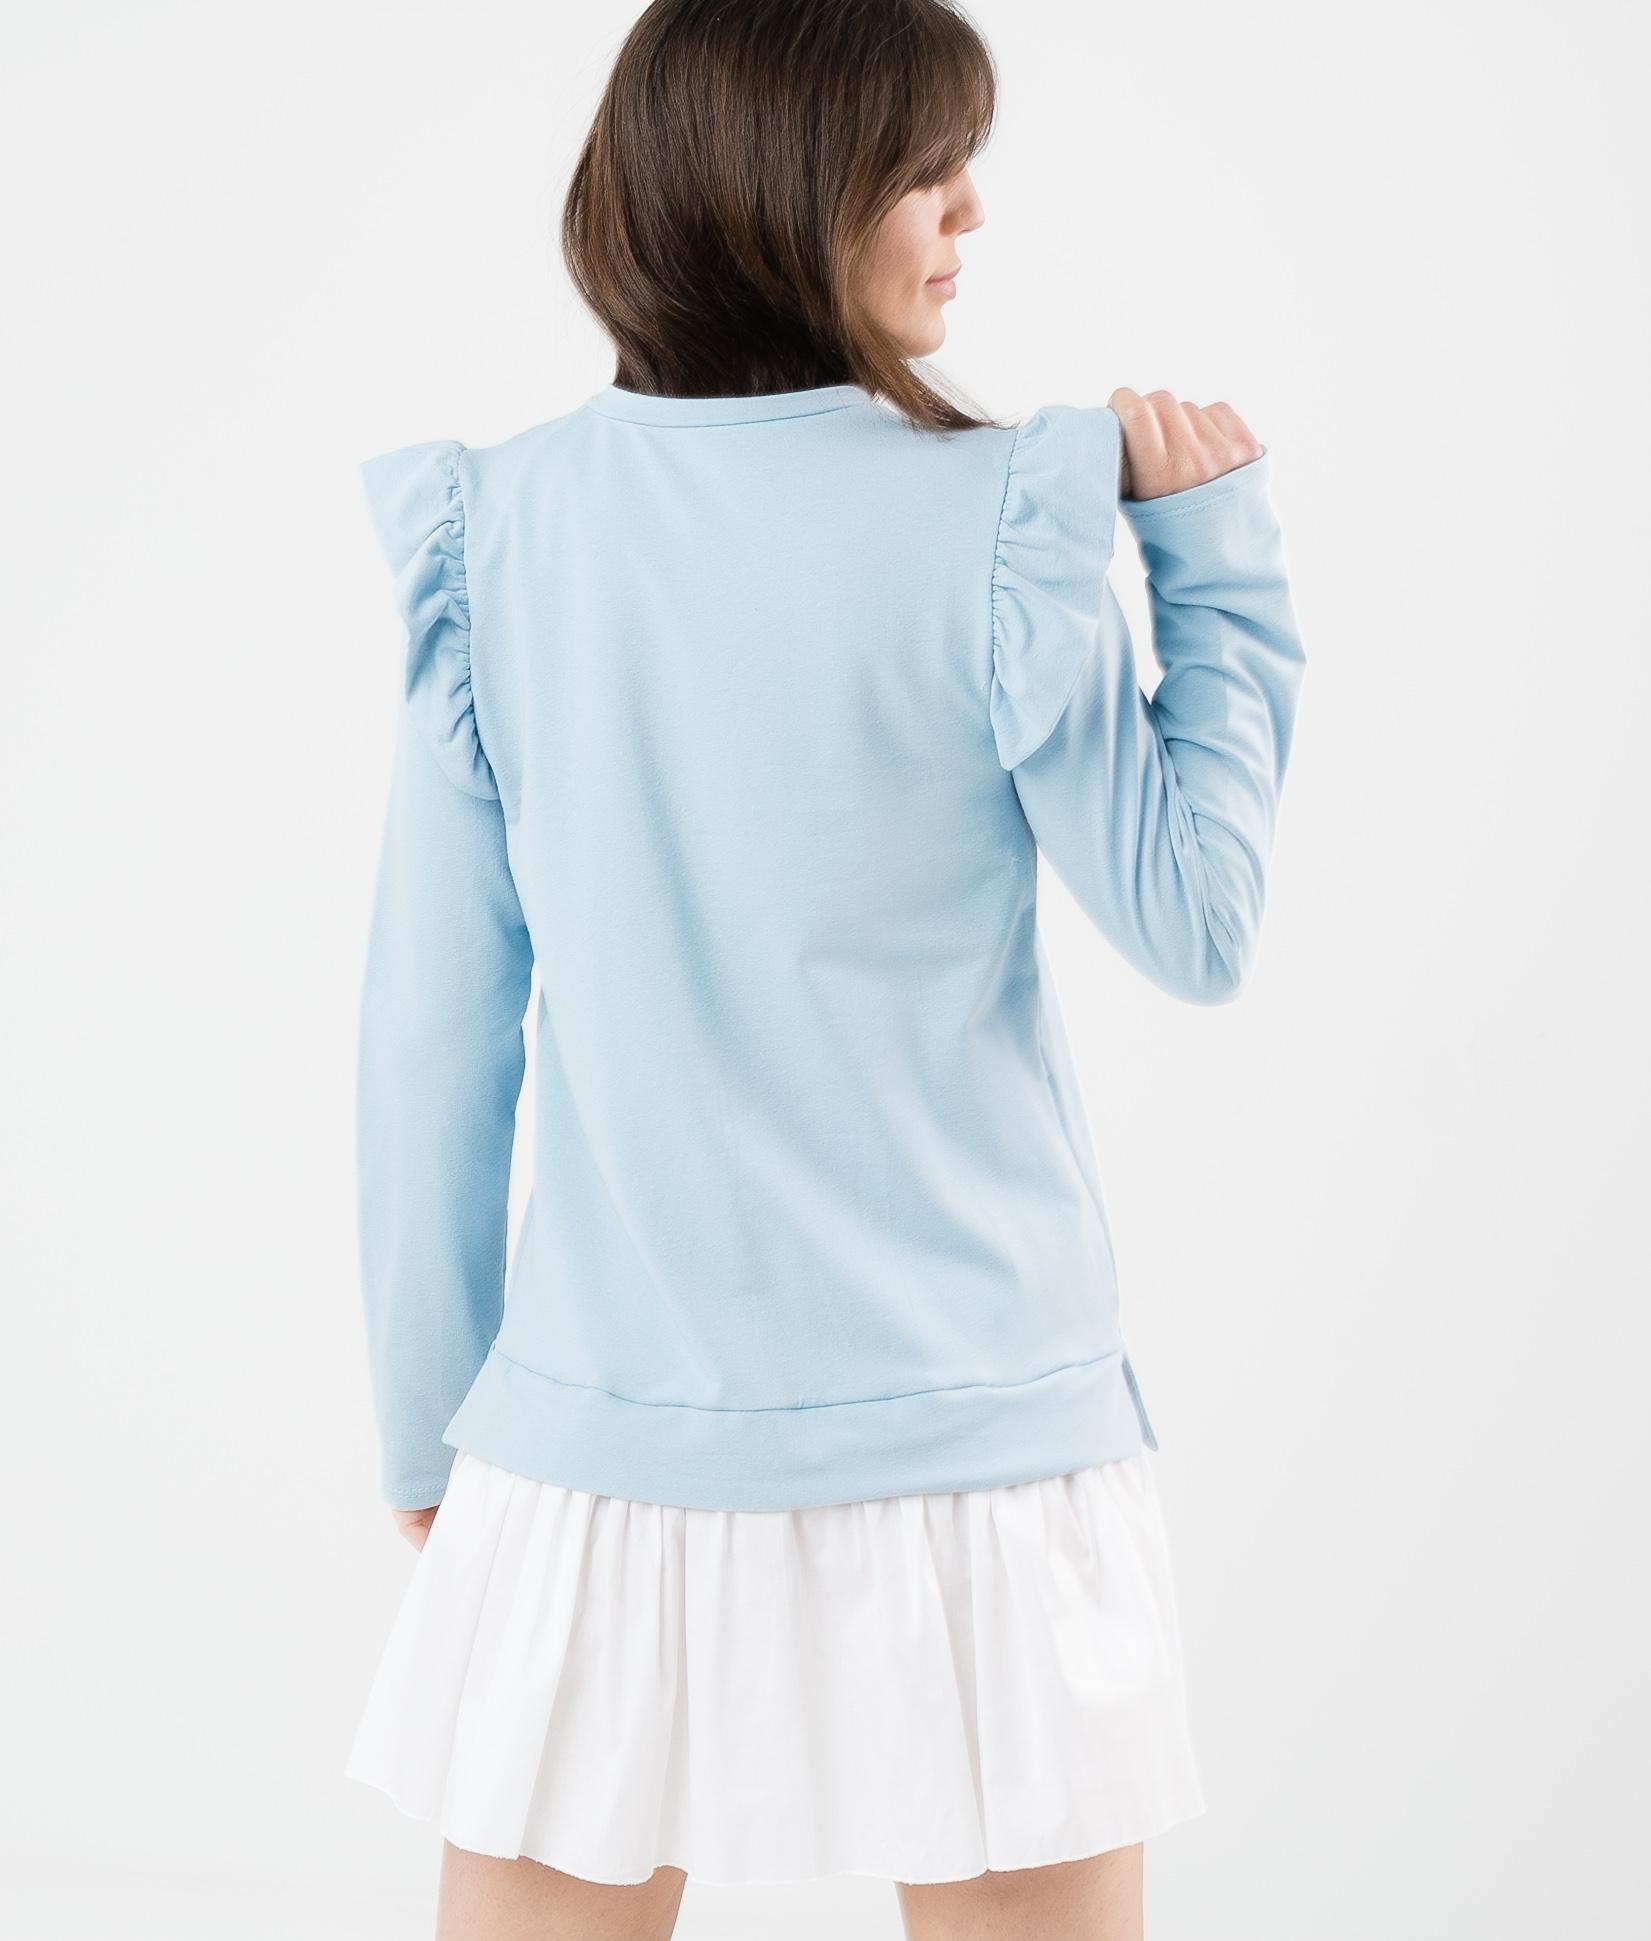 KATPUM DRESS - BLUE